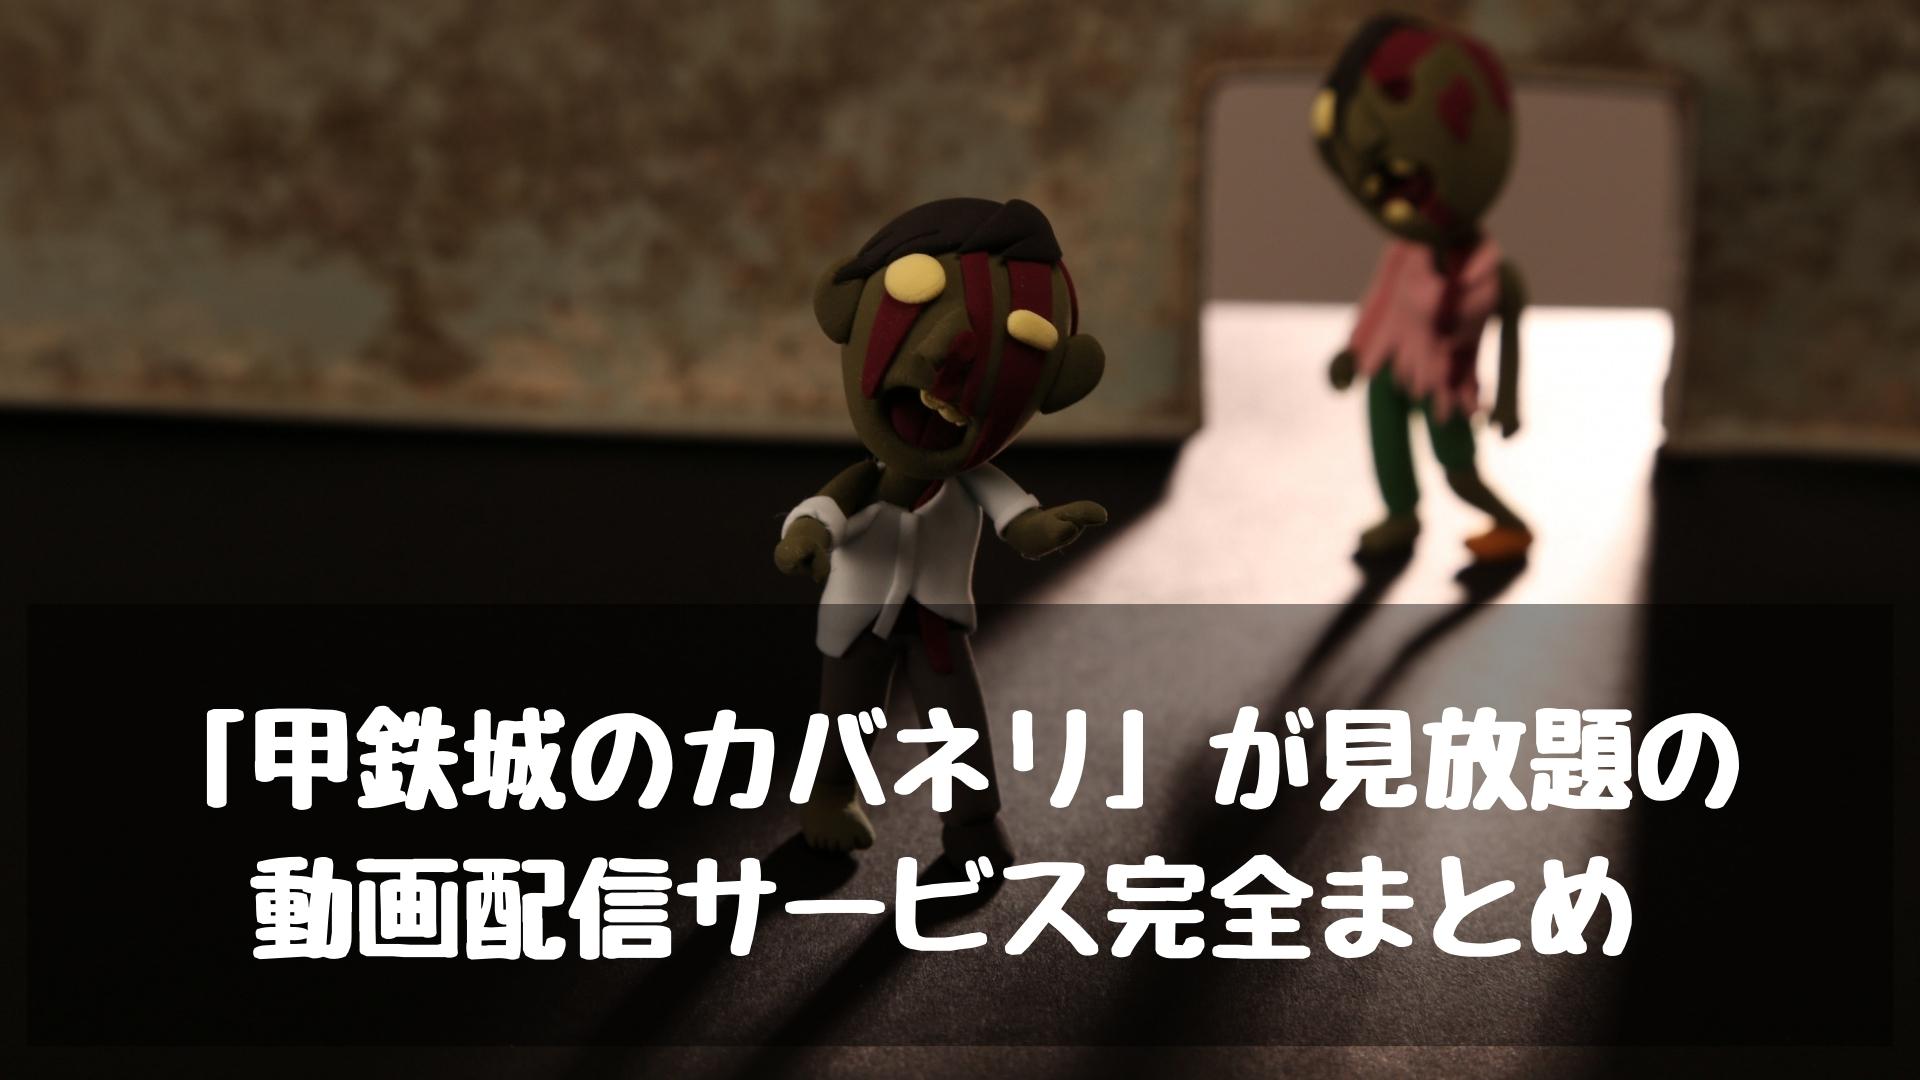 「甲鉄城のカバネリ」動画配信サービス